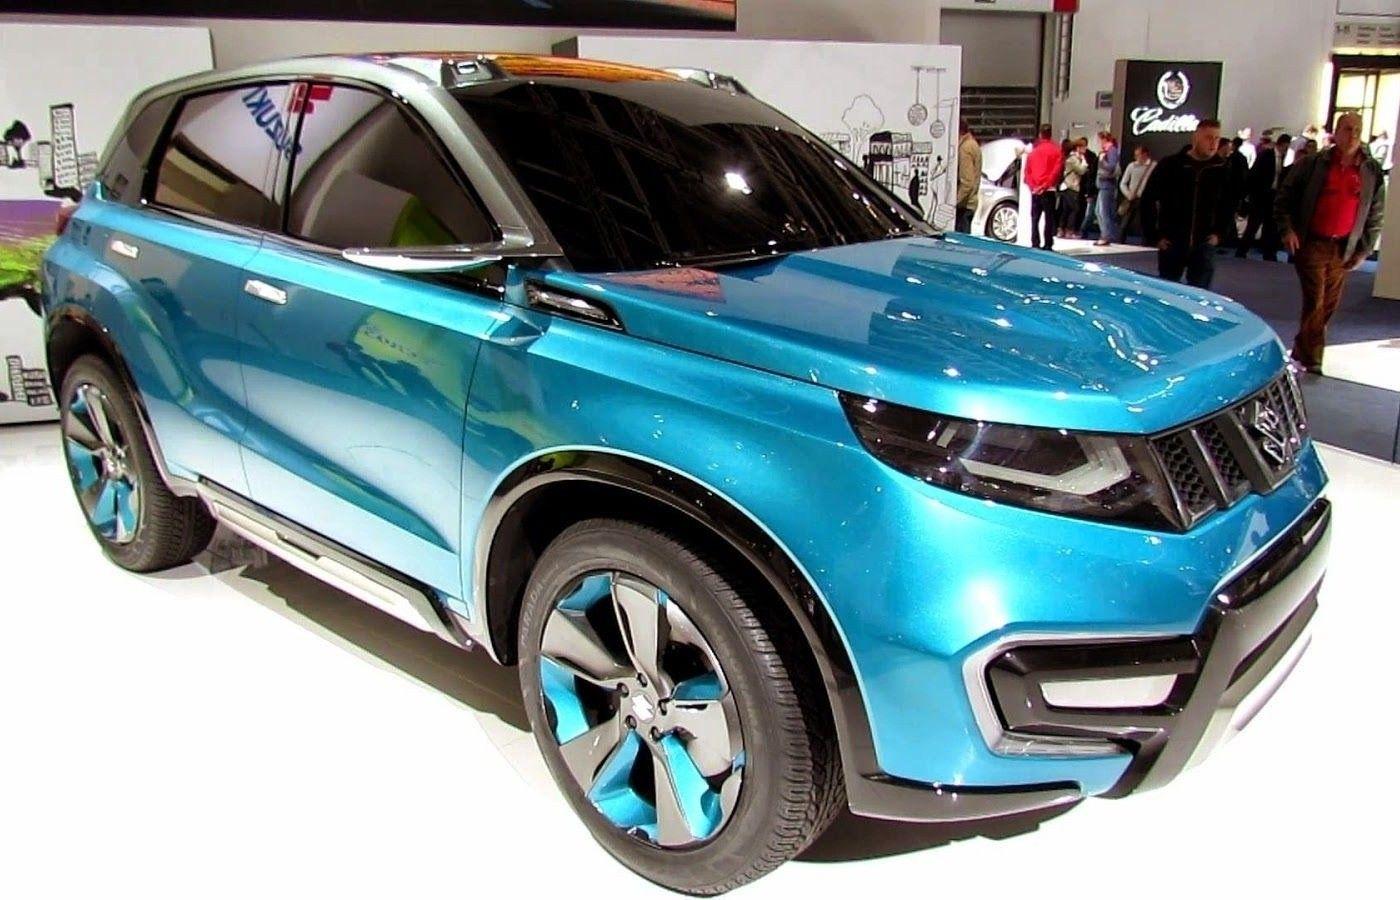 2019 Suzuki Vitara Exterior And Interior Review Grand Vitara